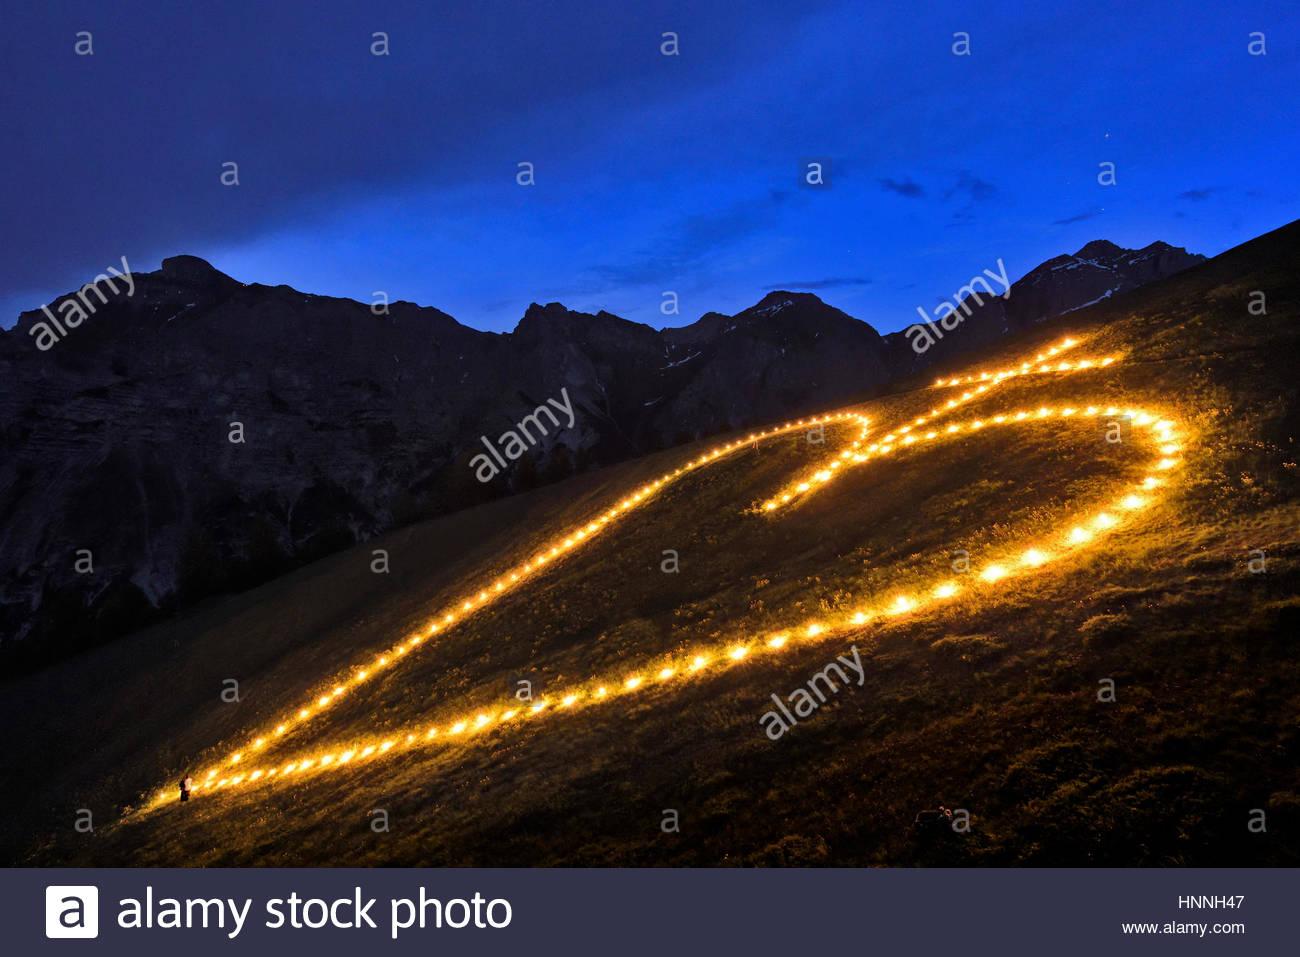 Das Gebäude und die Beleuchtung des Heiligsten Herzens Feuer auf Elferspitze Berg im Stubaital. Stockbild